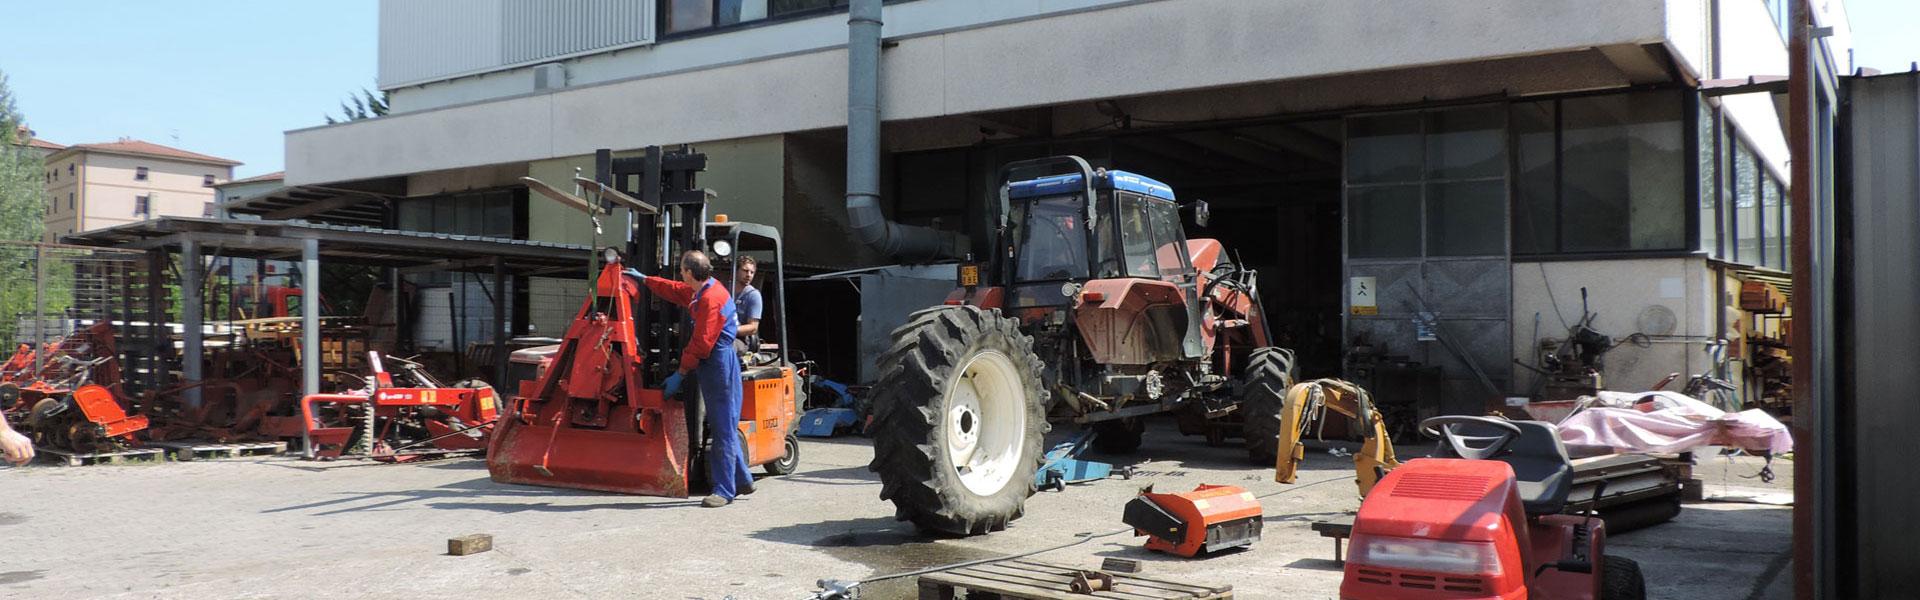 07-officina-riparazioni-ricci-trattori